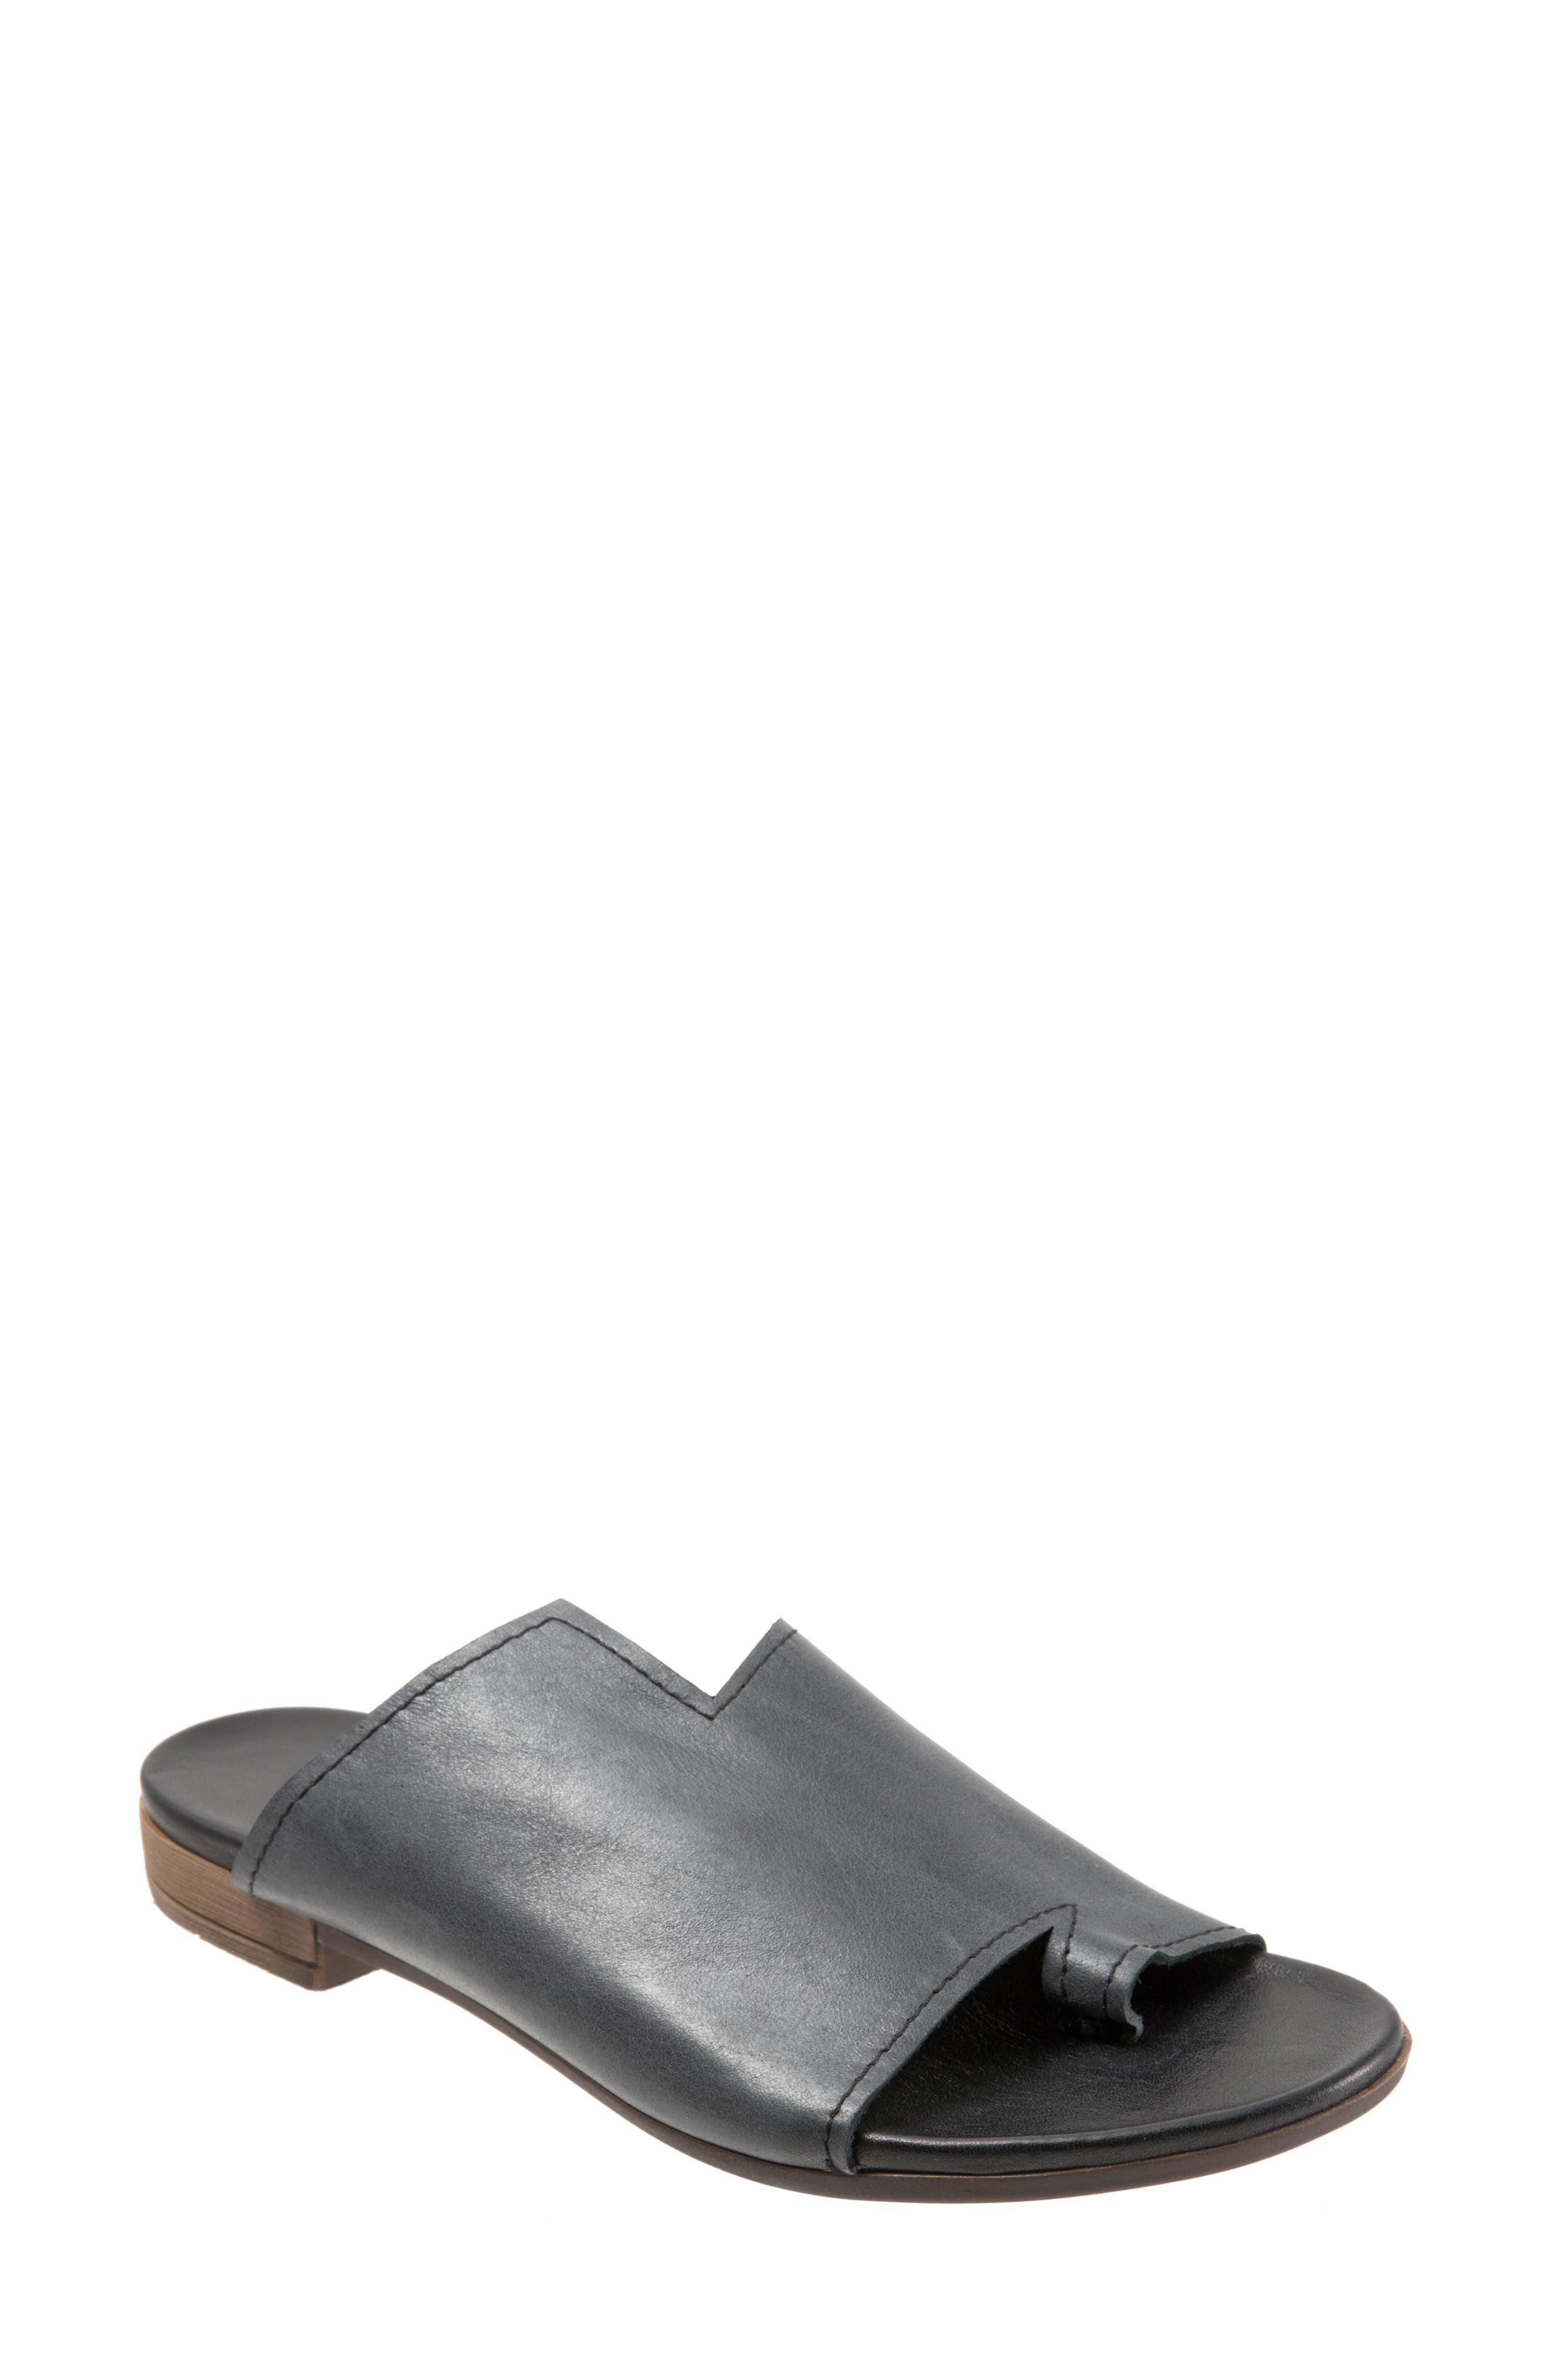 Tulla Sandal,                             Main thumbnail 1, color,                             Black Leather